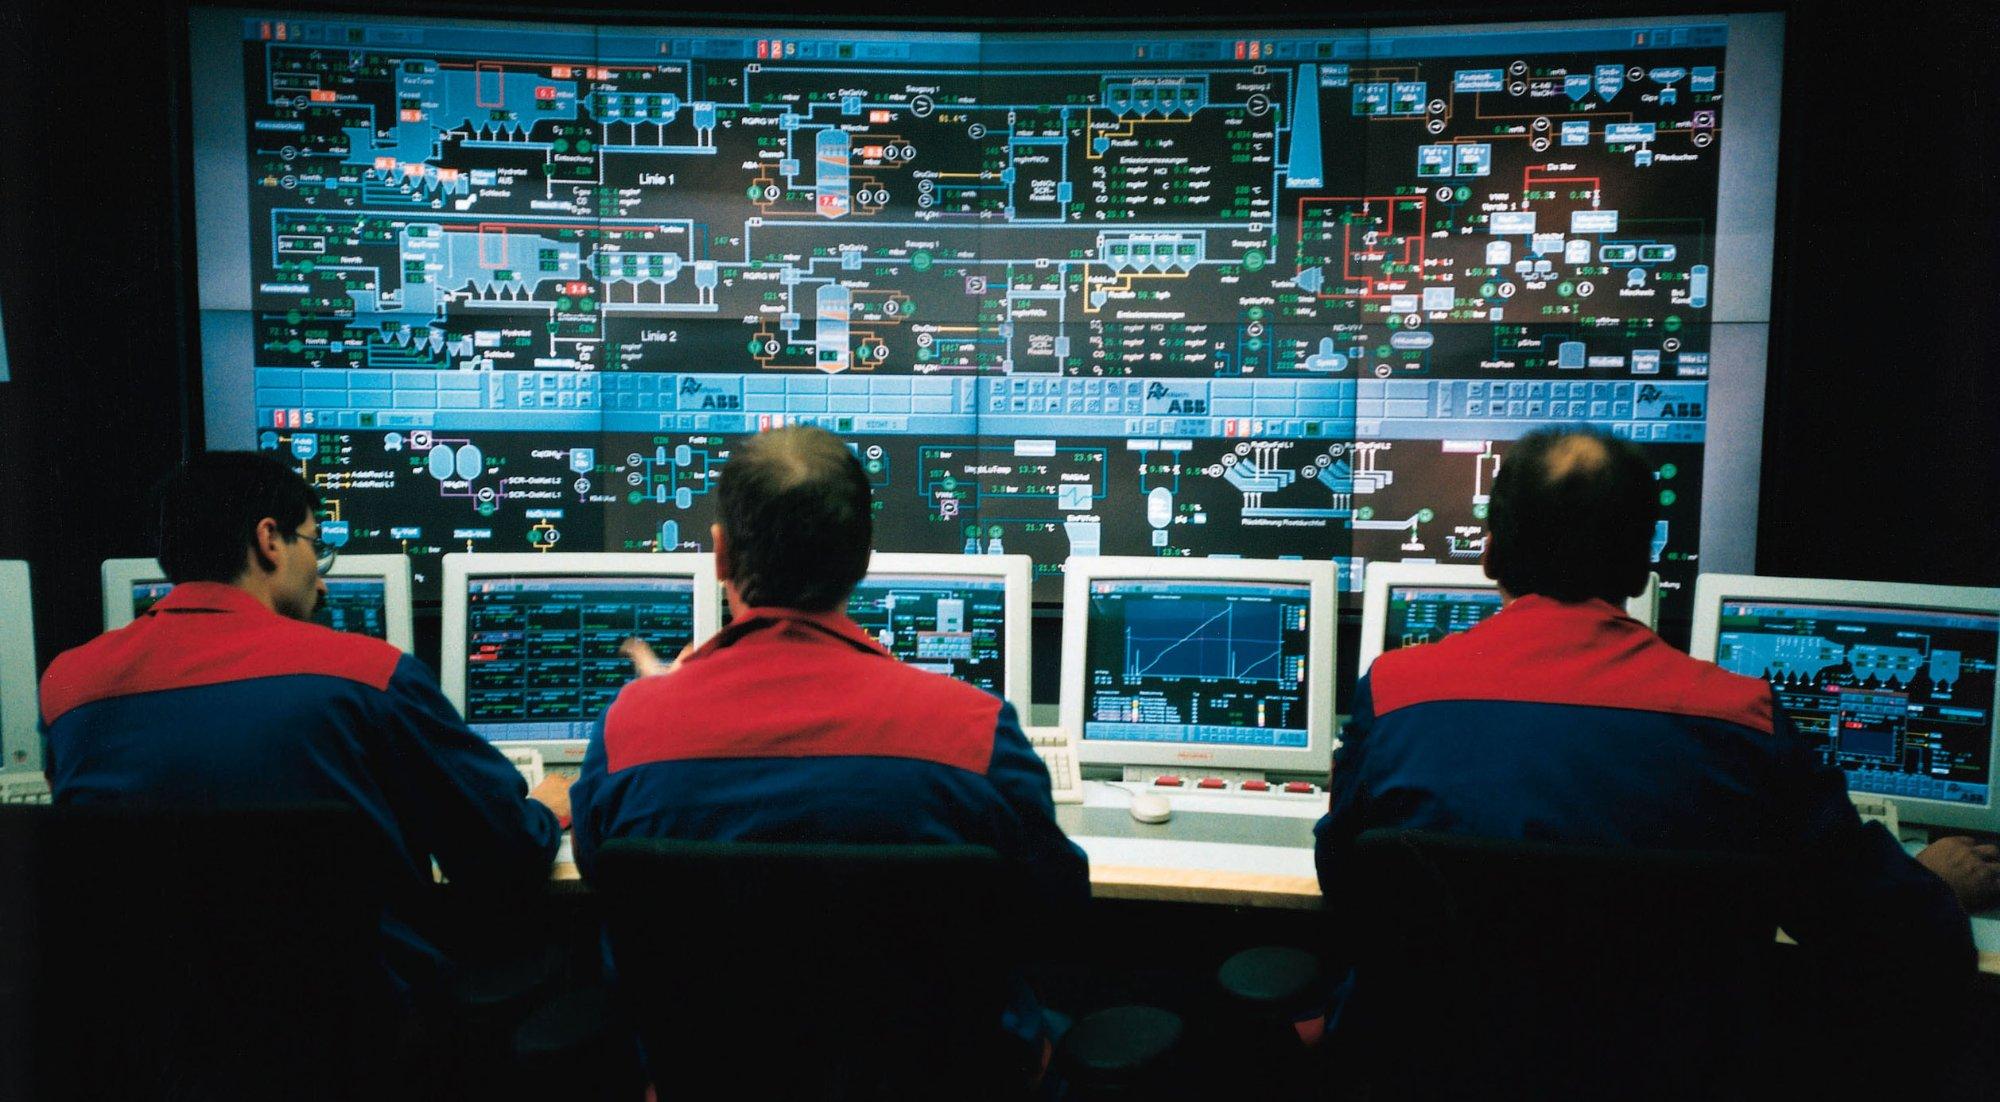 Вредонос Triton создан для атак на объекты ключевой инфраструктуры